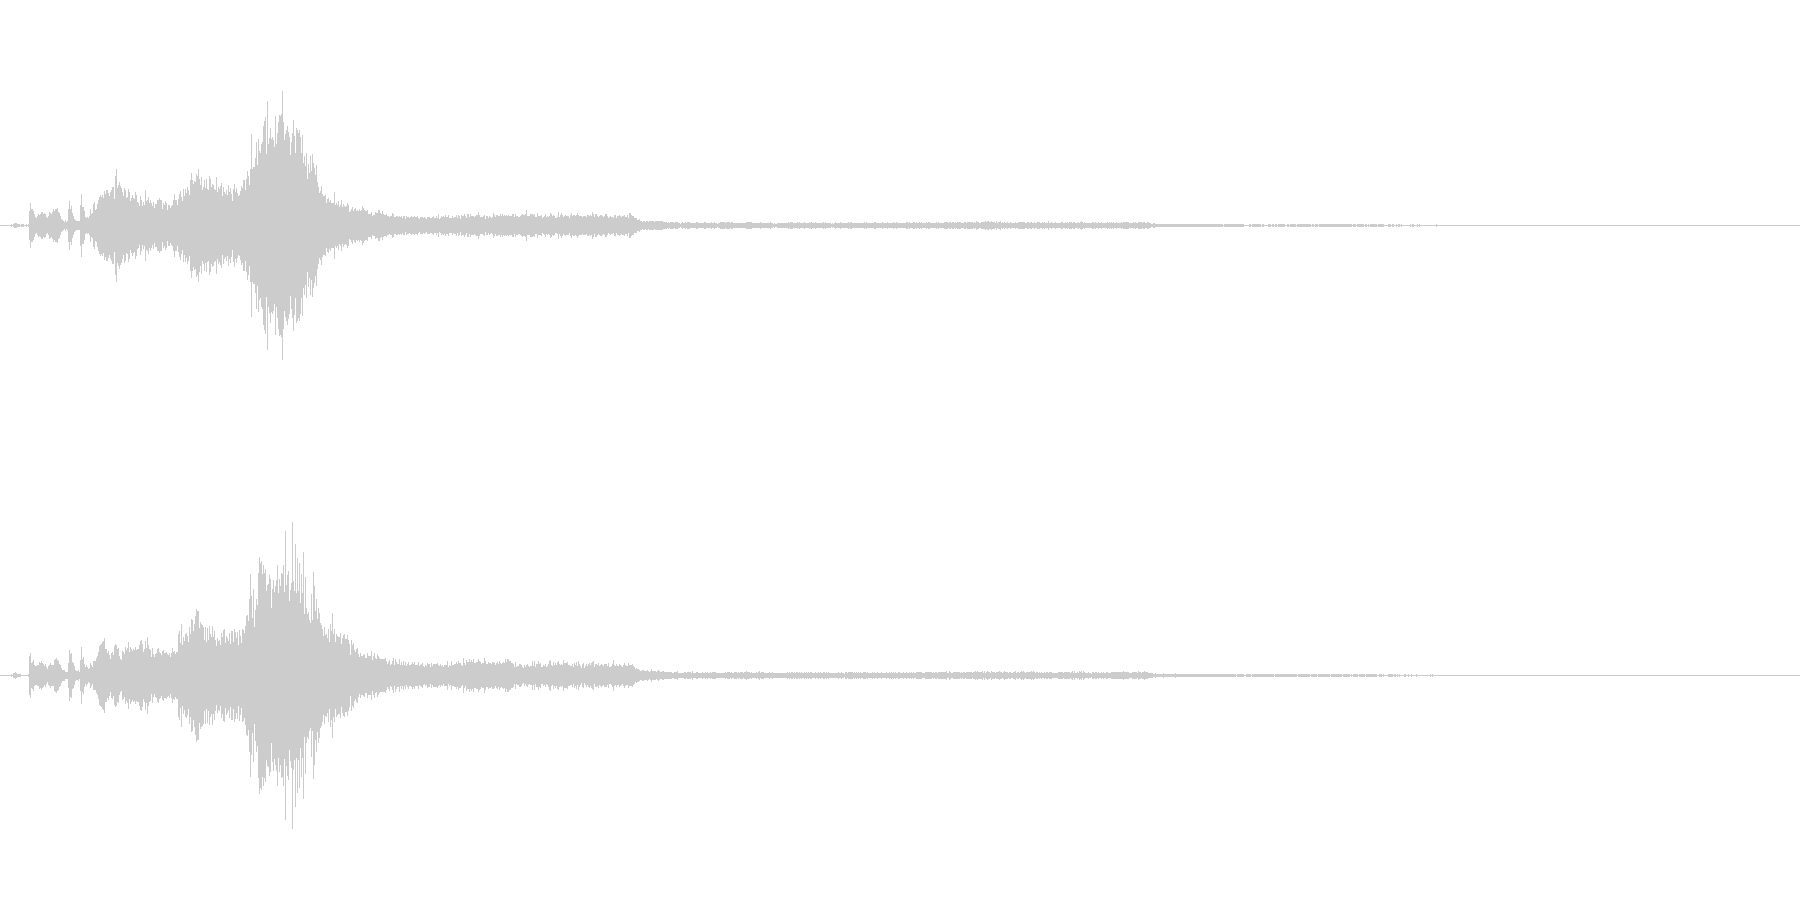 車 ドライブアウェイRev 01の未再生の波形